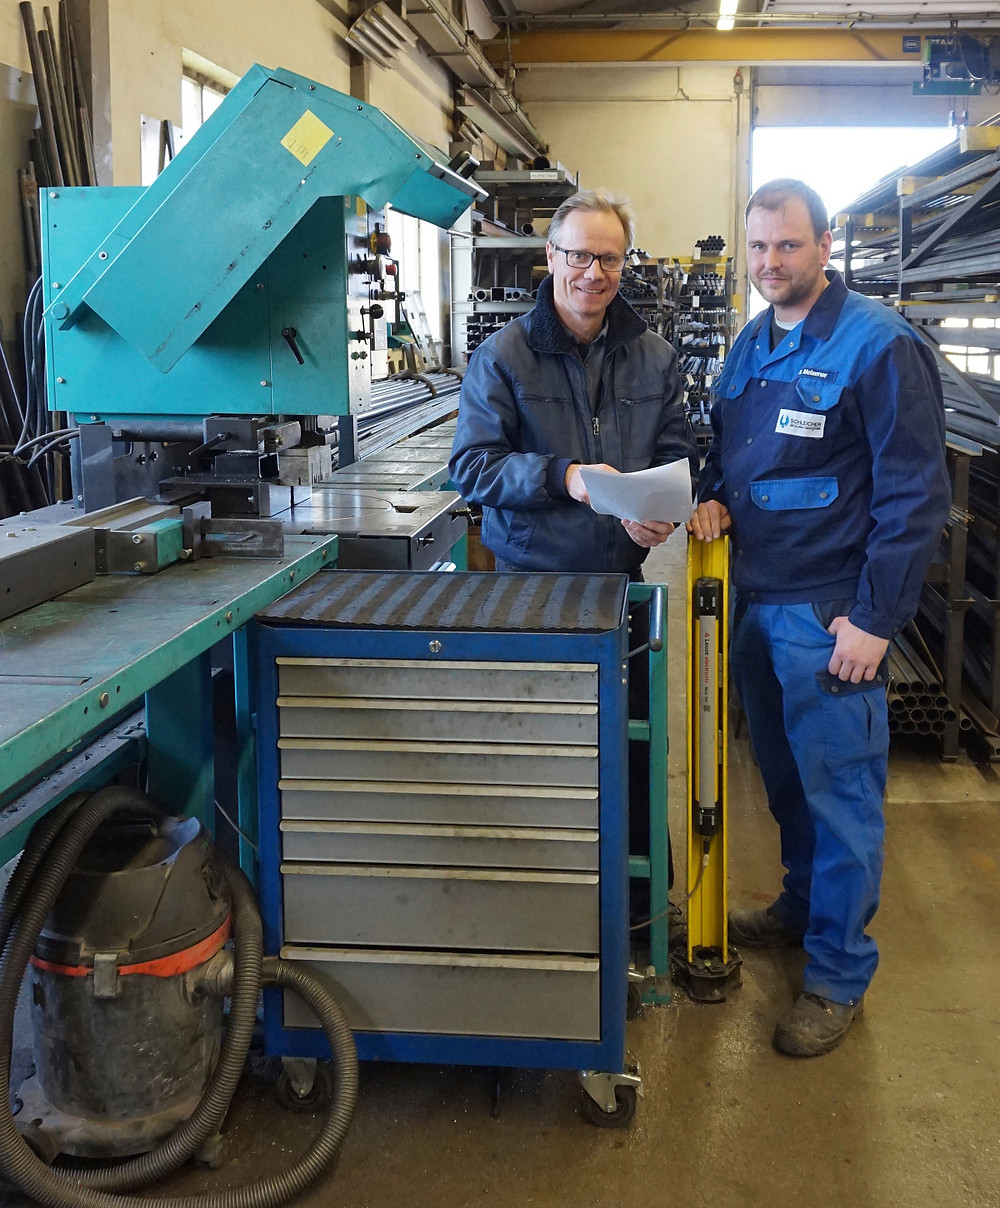 Firmenchef Thomas Schleicher (l.) bespricht sich mit Metallbauer Stefan Melzener an der Kreissäge KKS 400 H.